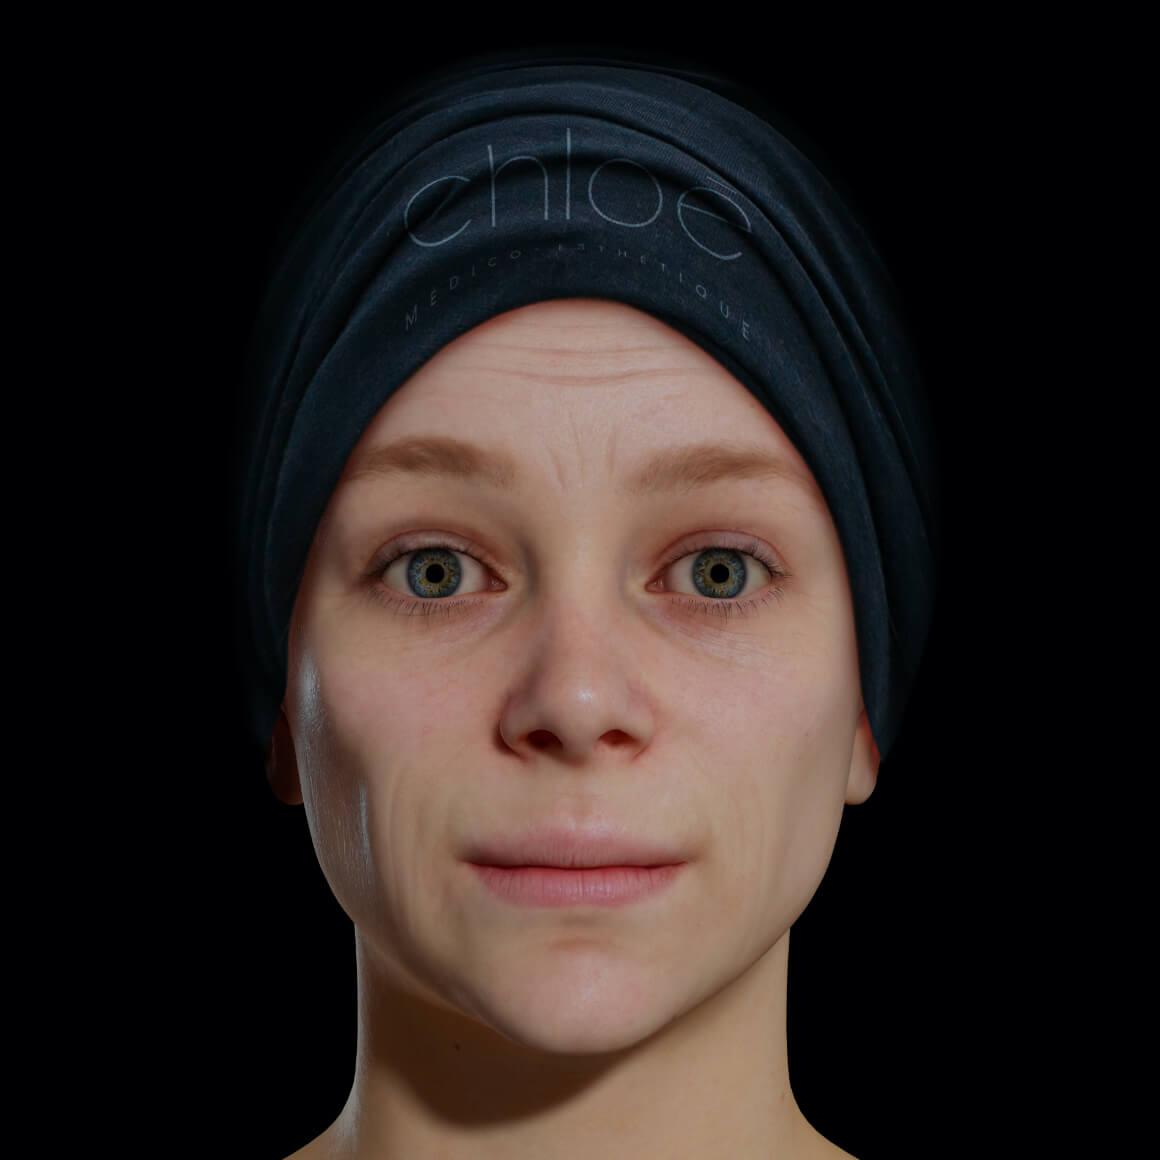 Une patiente de la Clinique Chloé positionné de face démontrant rides et ridules au niveau du visage